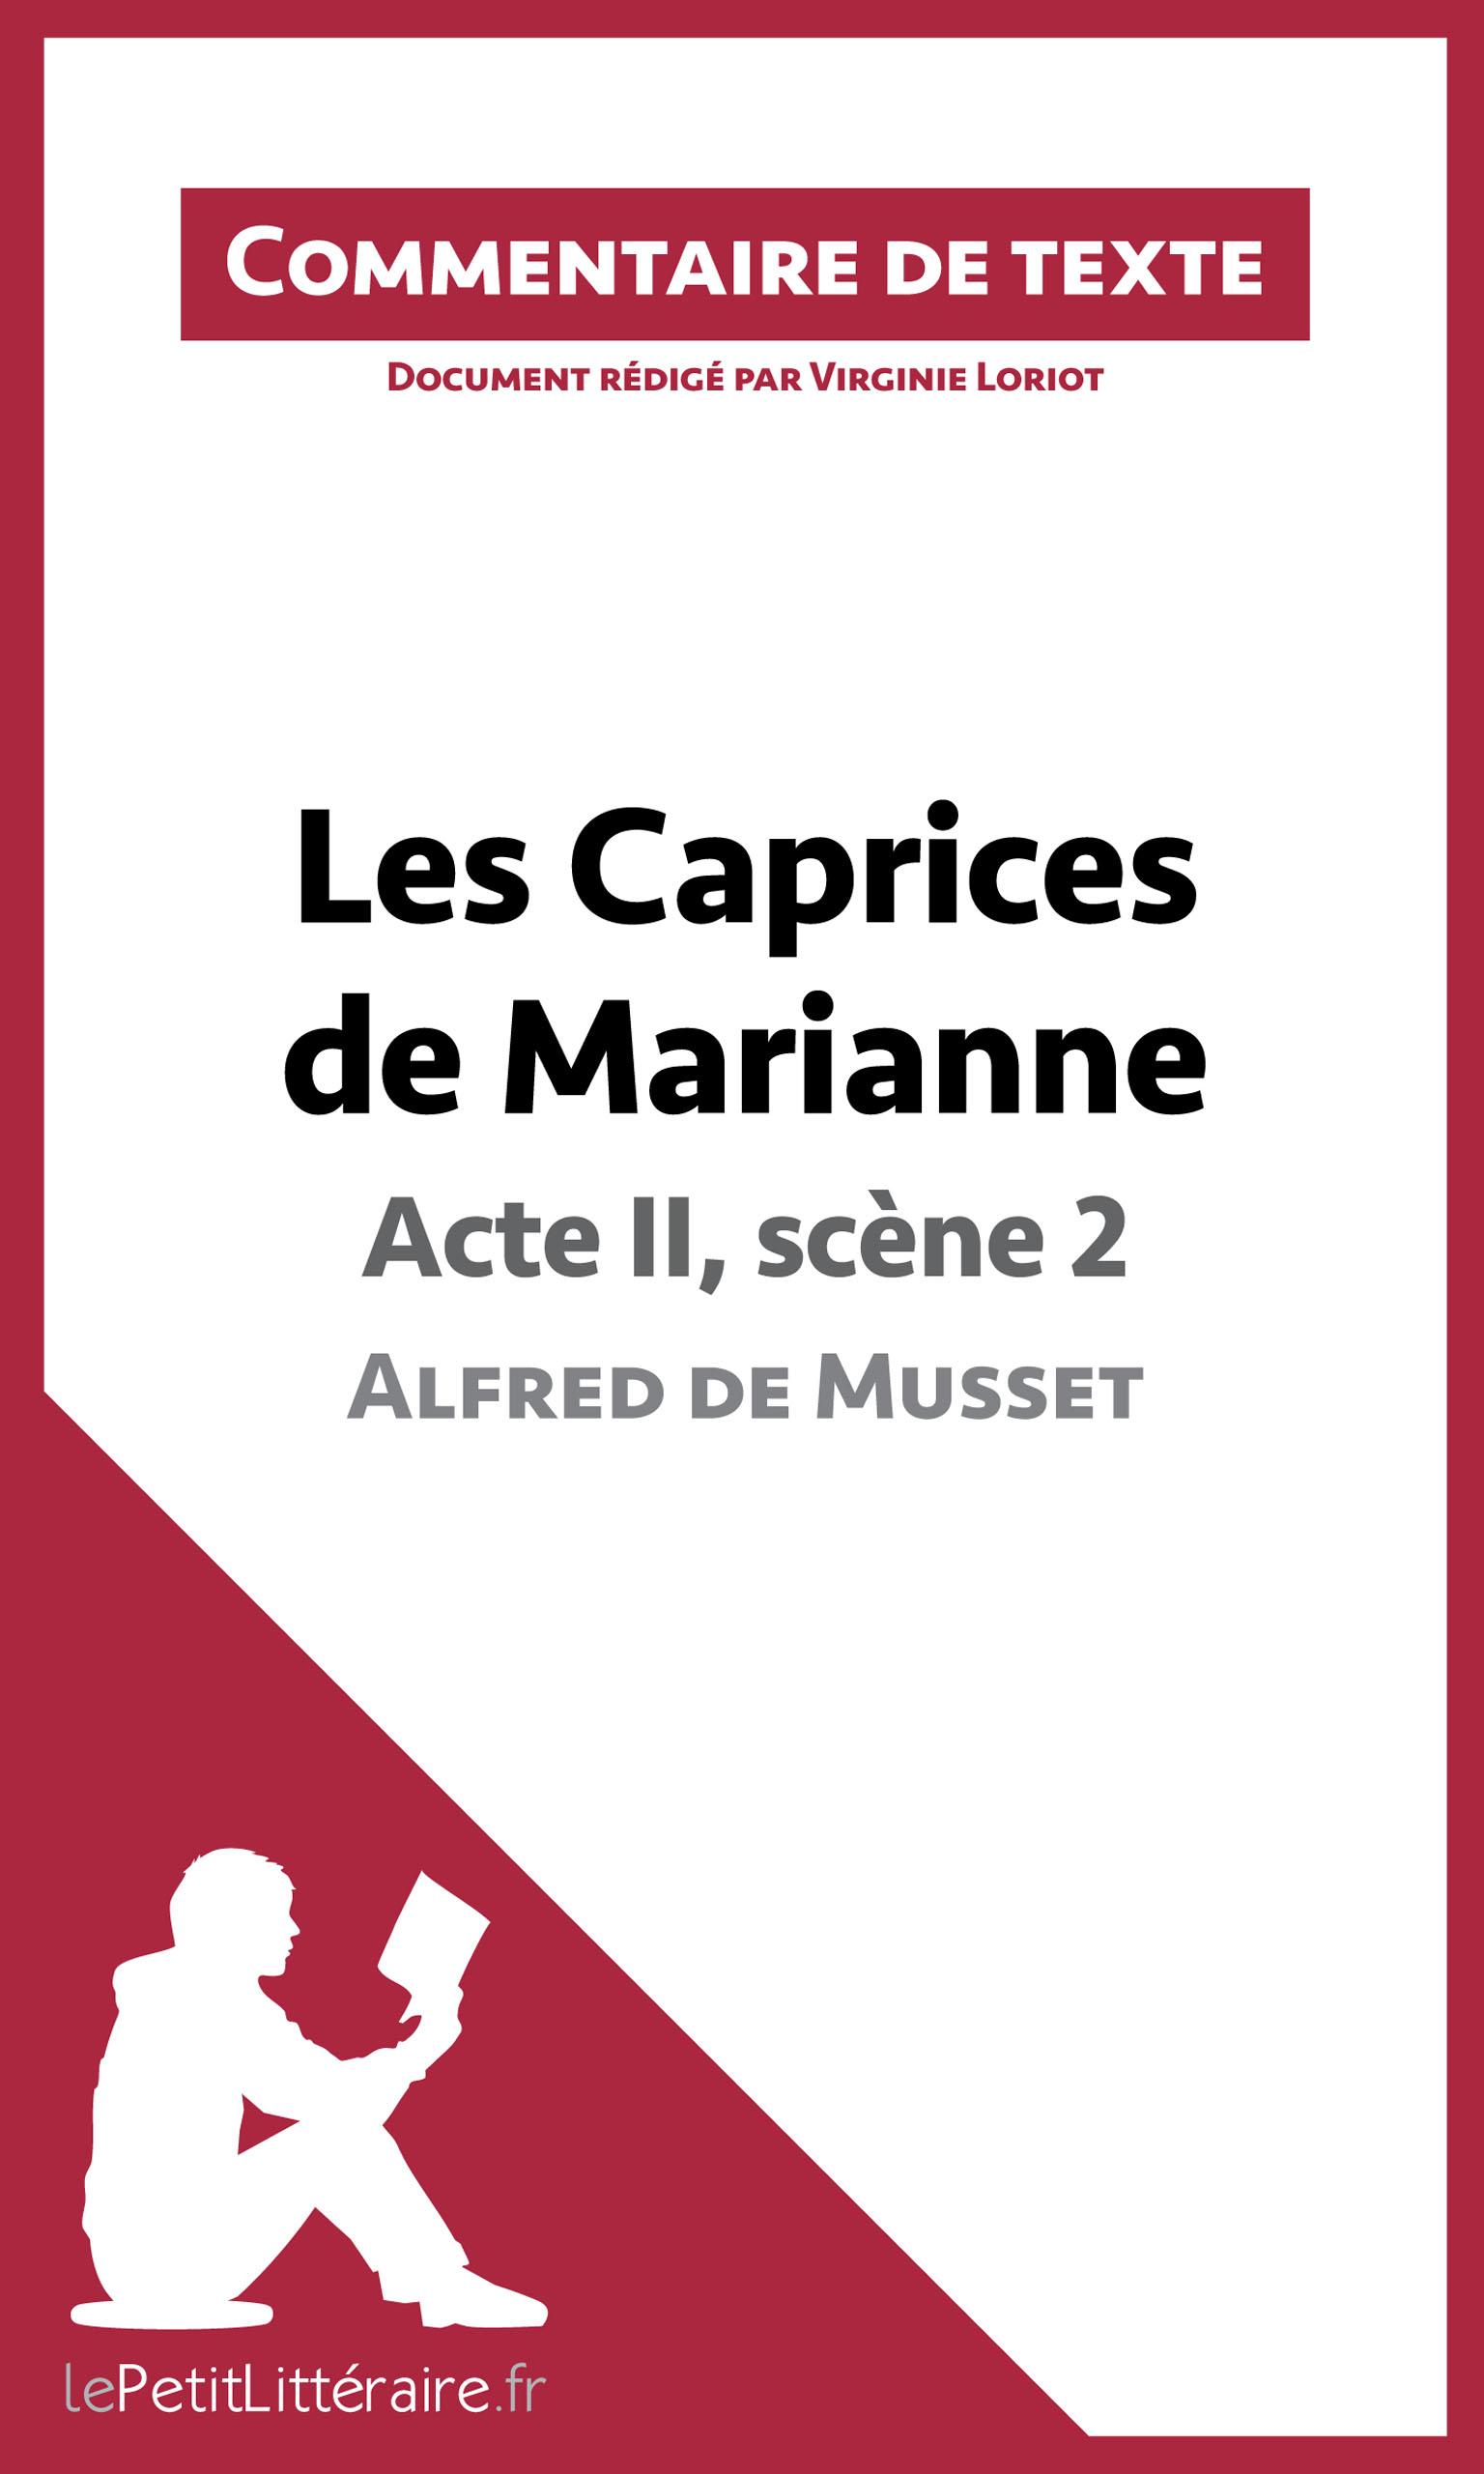 La scène 2 de l'acte II